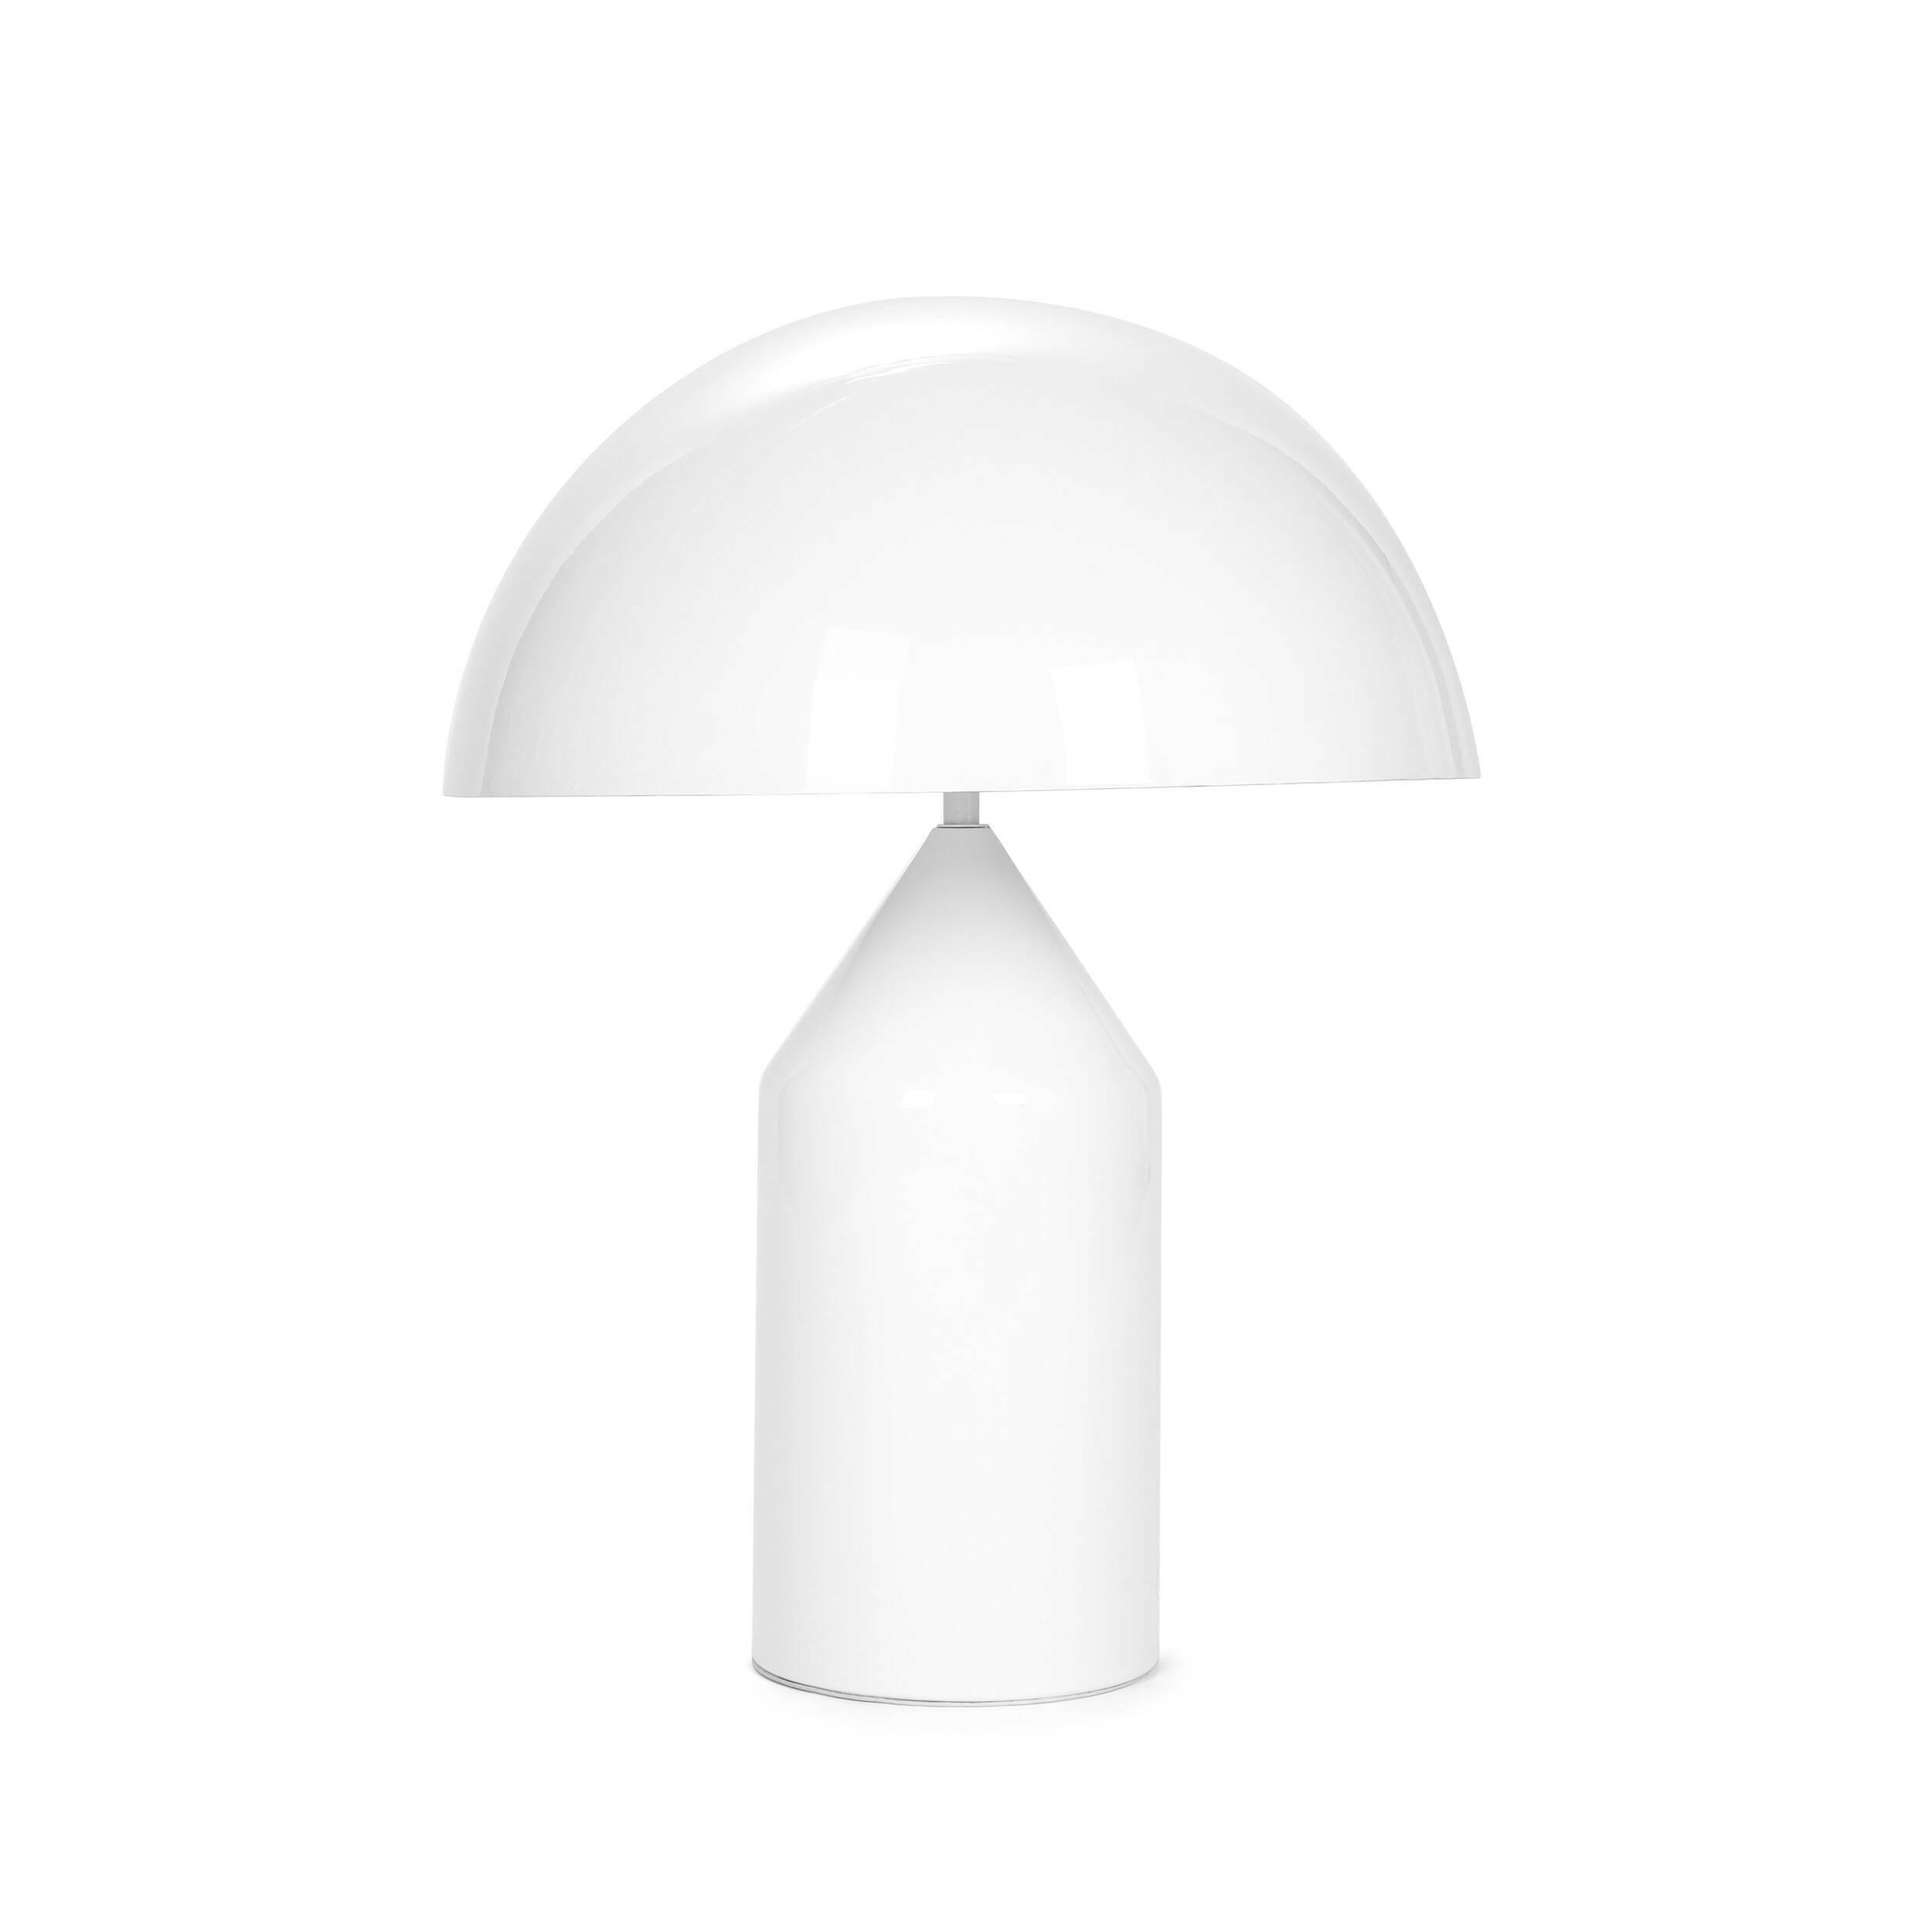 Настольный светильник AtolloНастольные<br>Дизайнерский настольный светильник Atollo (Атолло) на толстой ножке от Cosmo (Космо).<br><br><br> Уникальный футуристический стиль, легкость формы и минимализм — именно эти черты присущи современному дизайну в стиле хай-тек. И именно такими чертами обладает настольный светильник Atollo, который буквально притягивает взгляд своим удивительным внешним видом, напоминающим нам о мире высоких технологий. Светильник создан итальянским дизайнером Вико Маджистретти, творческим кредо которого были рентаб...<br><br>stock: 0<br>Высота: 50<br>Диаметр: 38<br>Количество ламп: 2<br>Материал абажура: Алюминий<br>Мощность лампы: 40<br>Ламп в комплекте: Нет<br>Напряжение: 220<br>Тип лампы/цоколь: E27<br>Цвет абажура: Белый